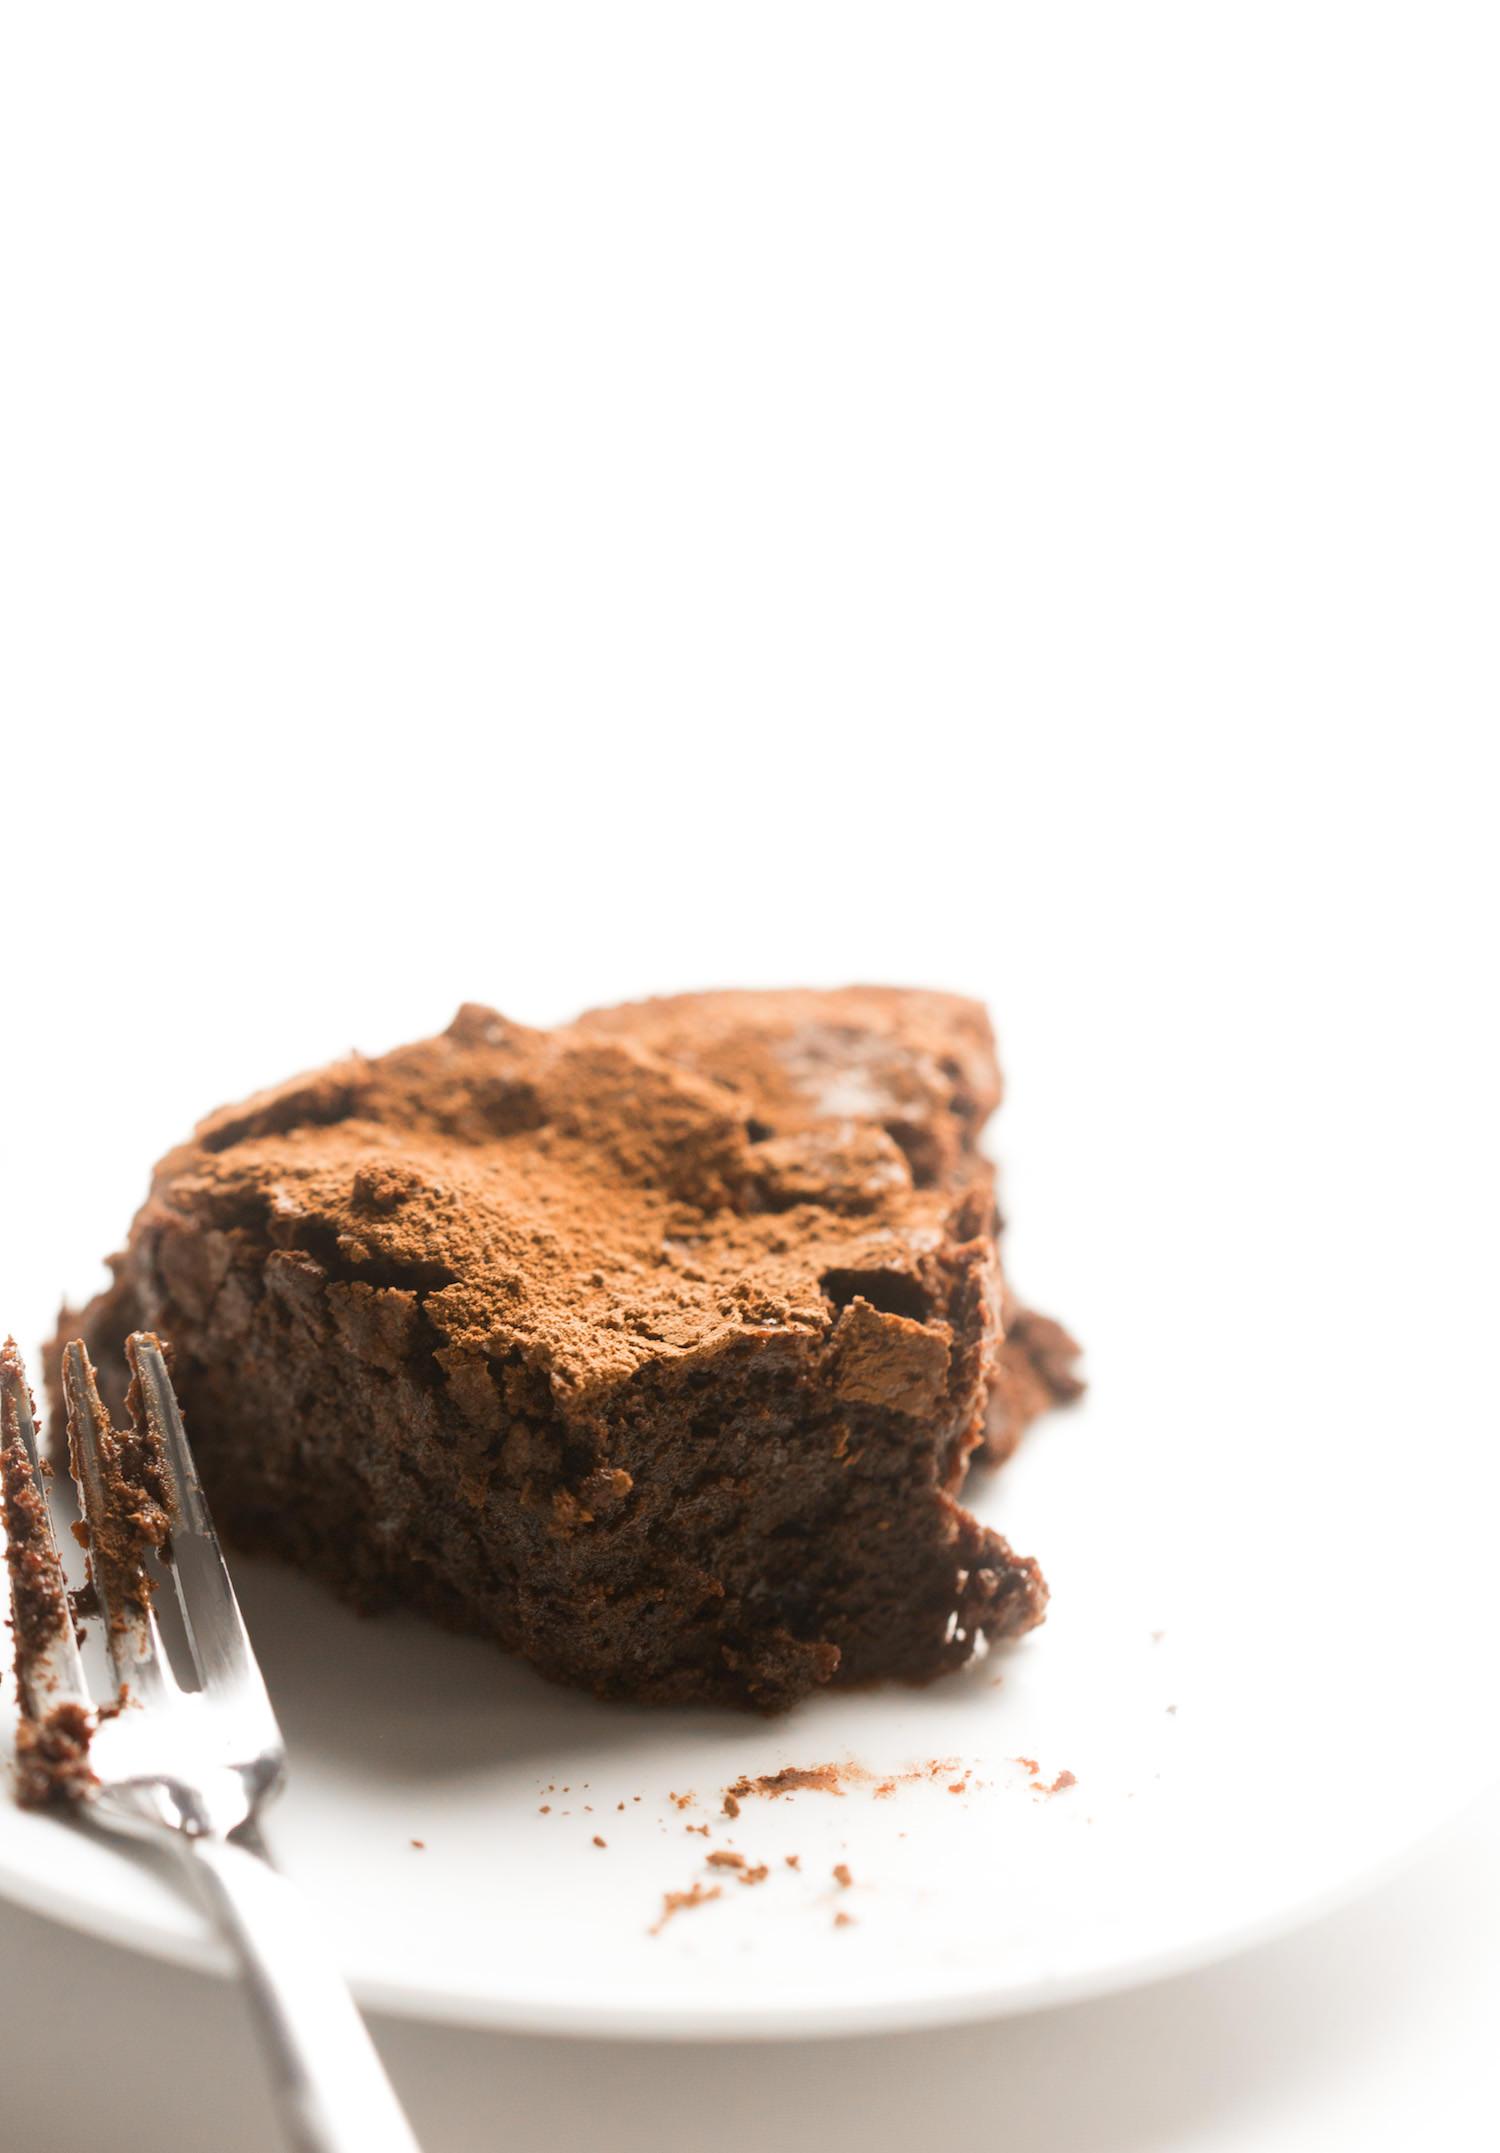 Flourless Chocolate Cake | TrufflesandTrends.com